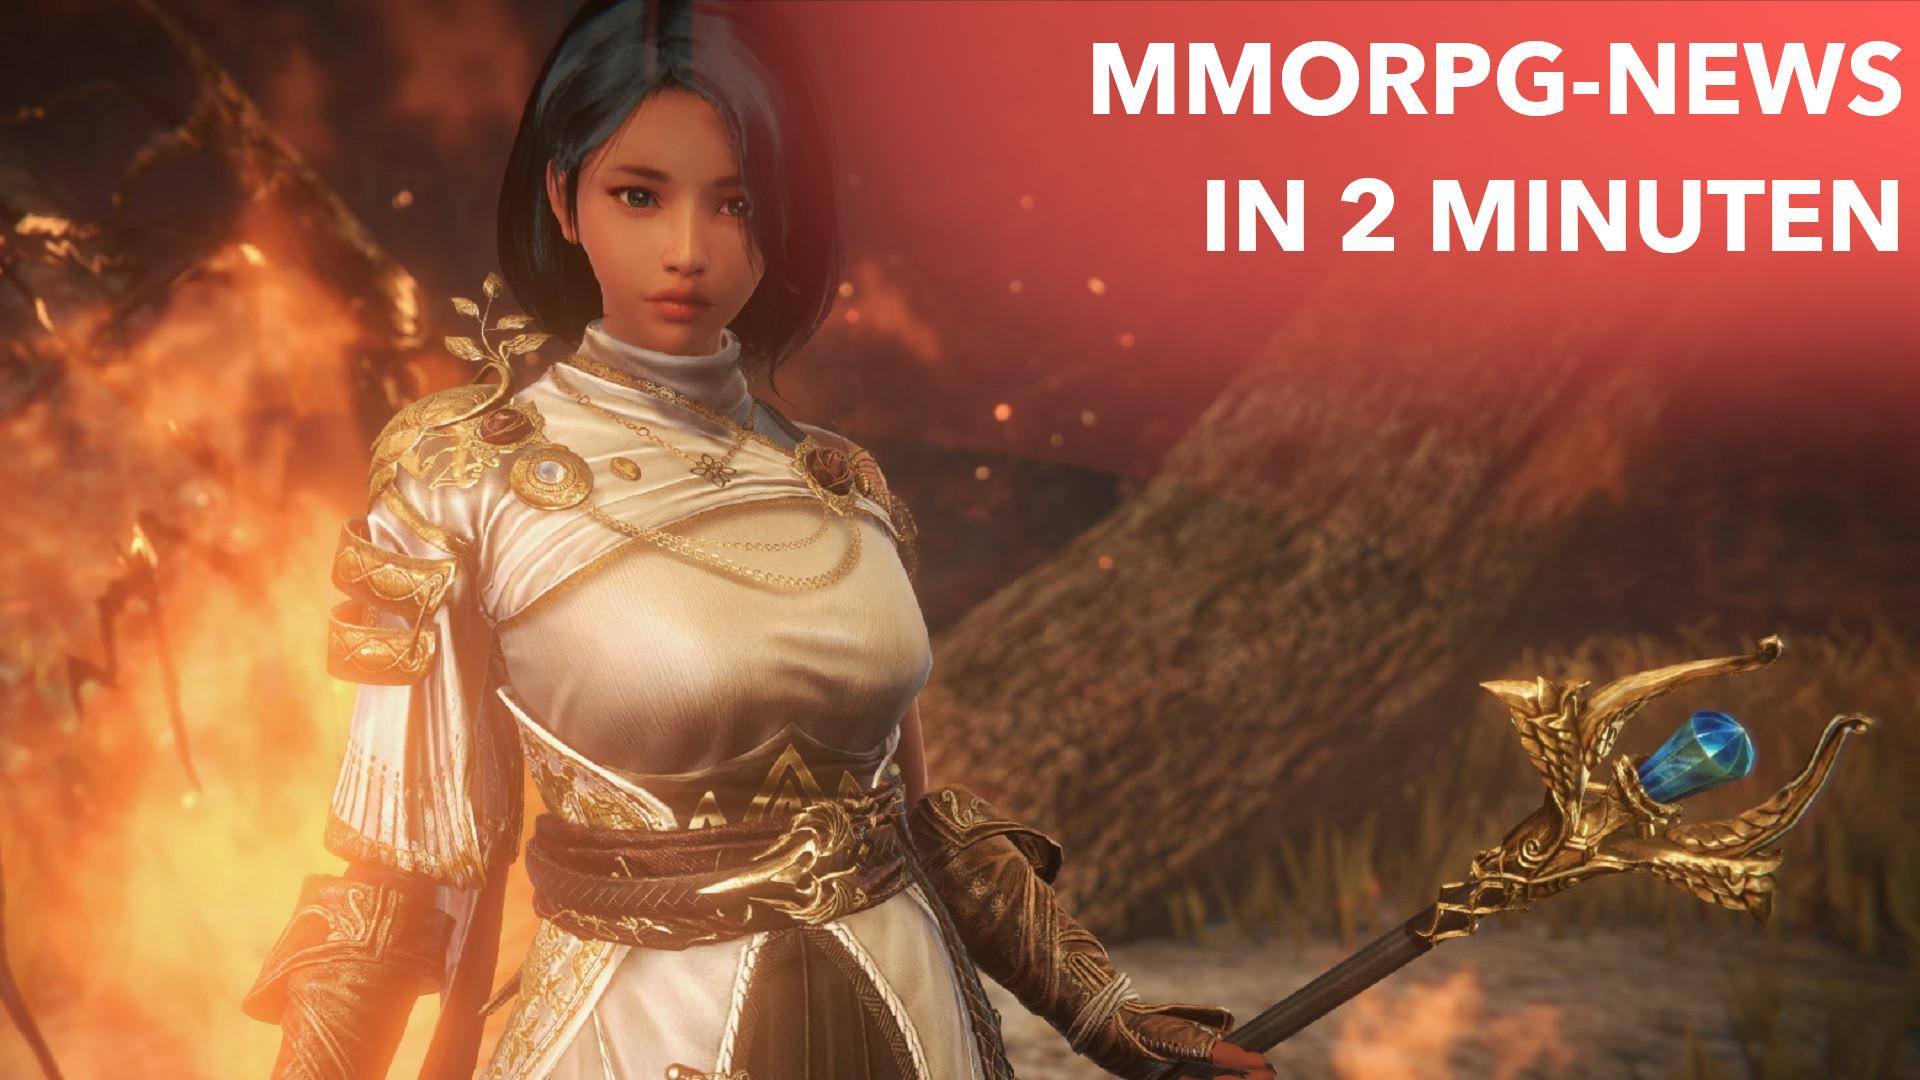 Noch-nie-gab-es-so-viele-neue-MMORPGs-wie-in-dieser-Woche